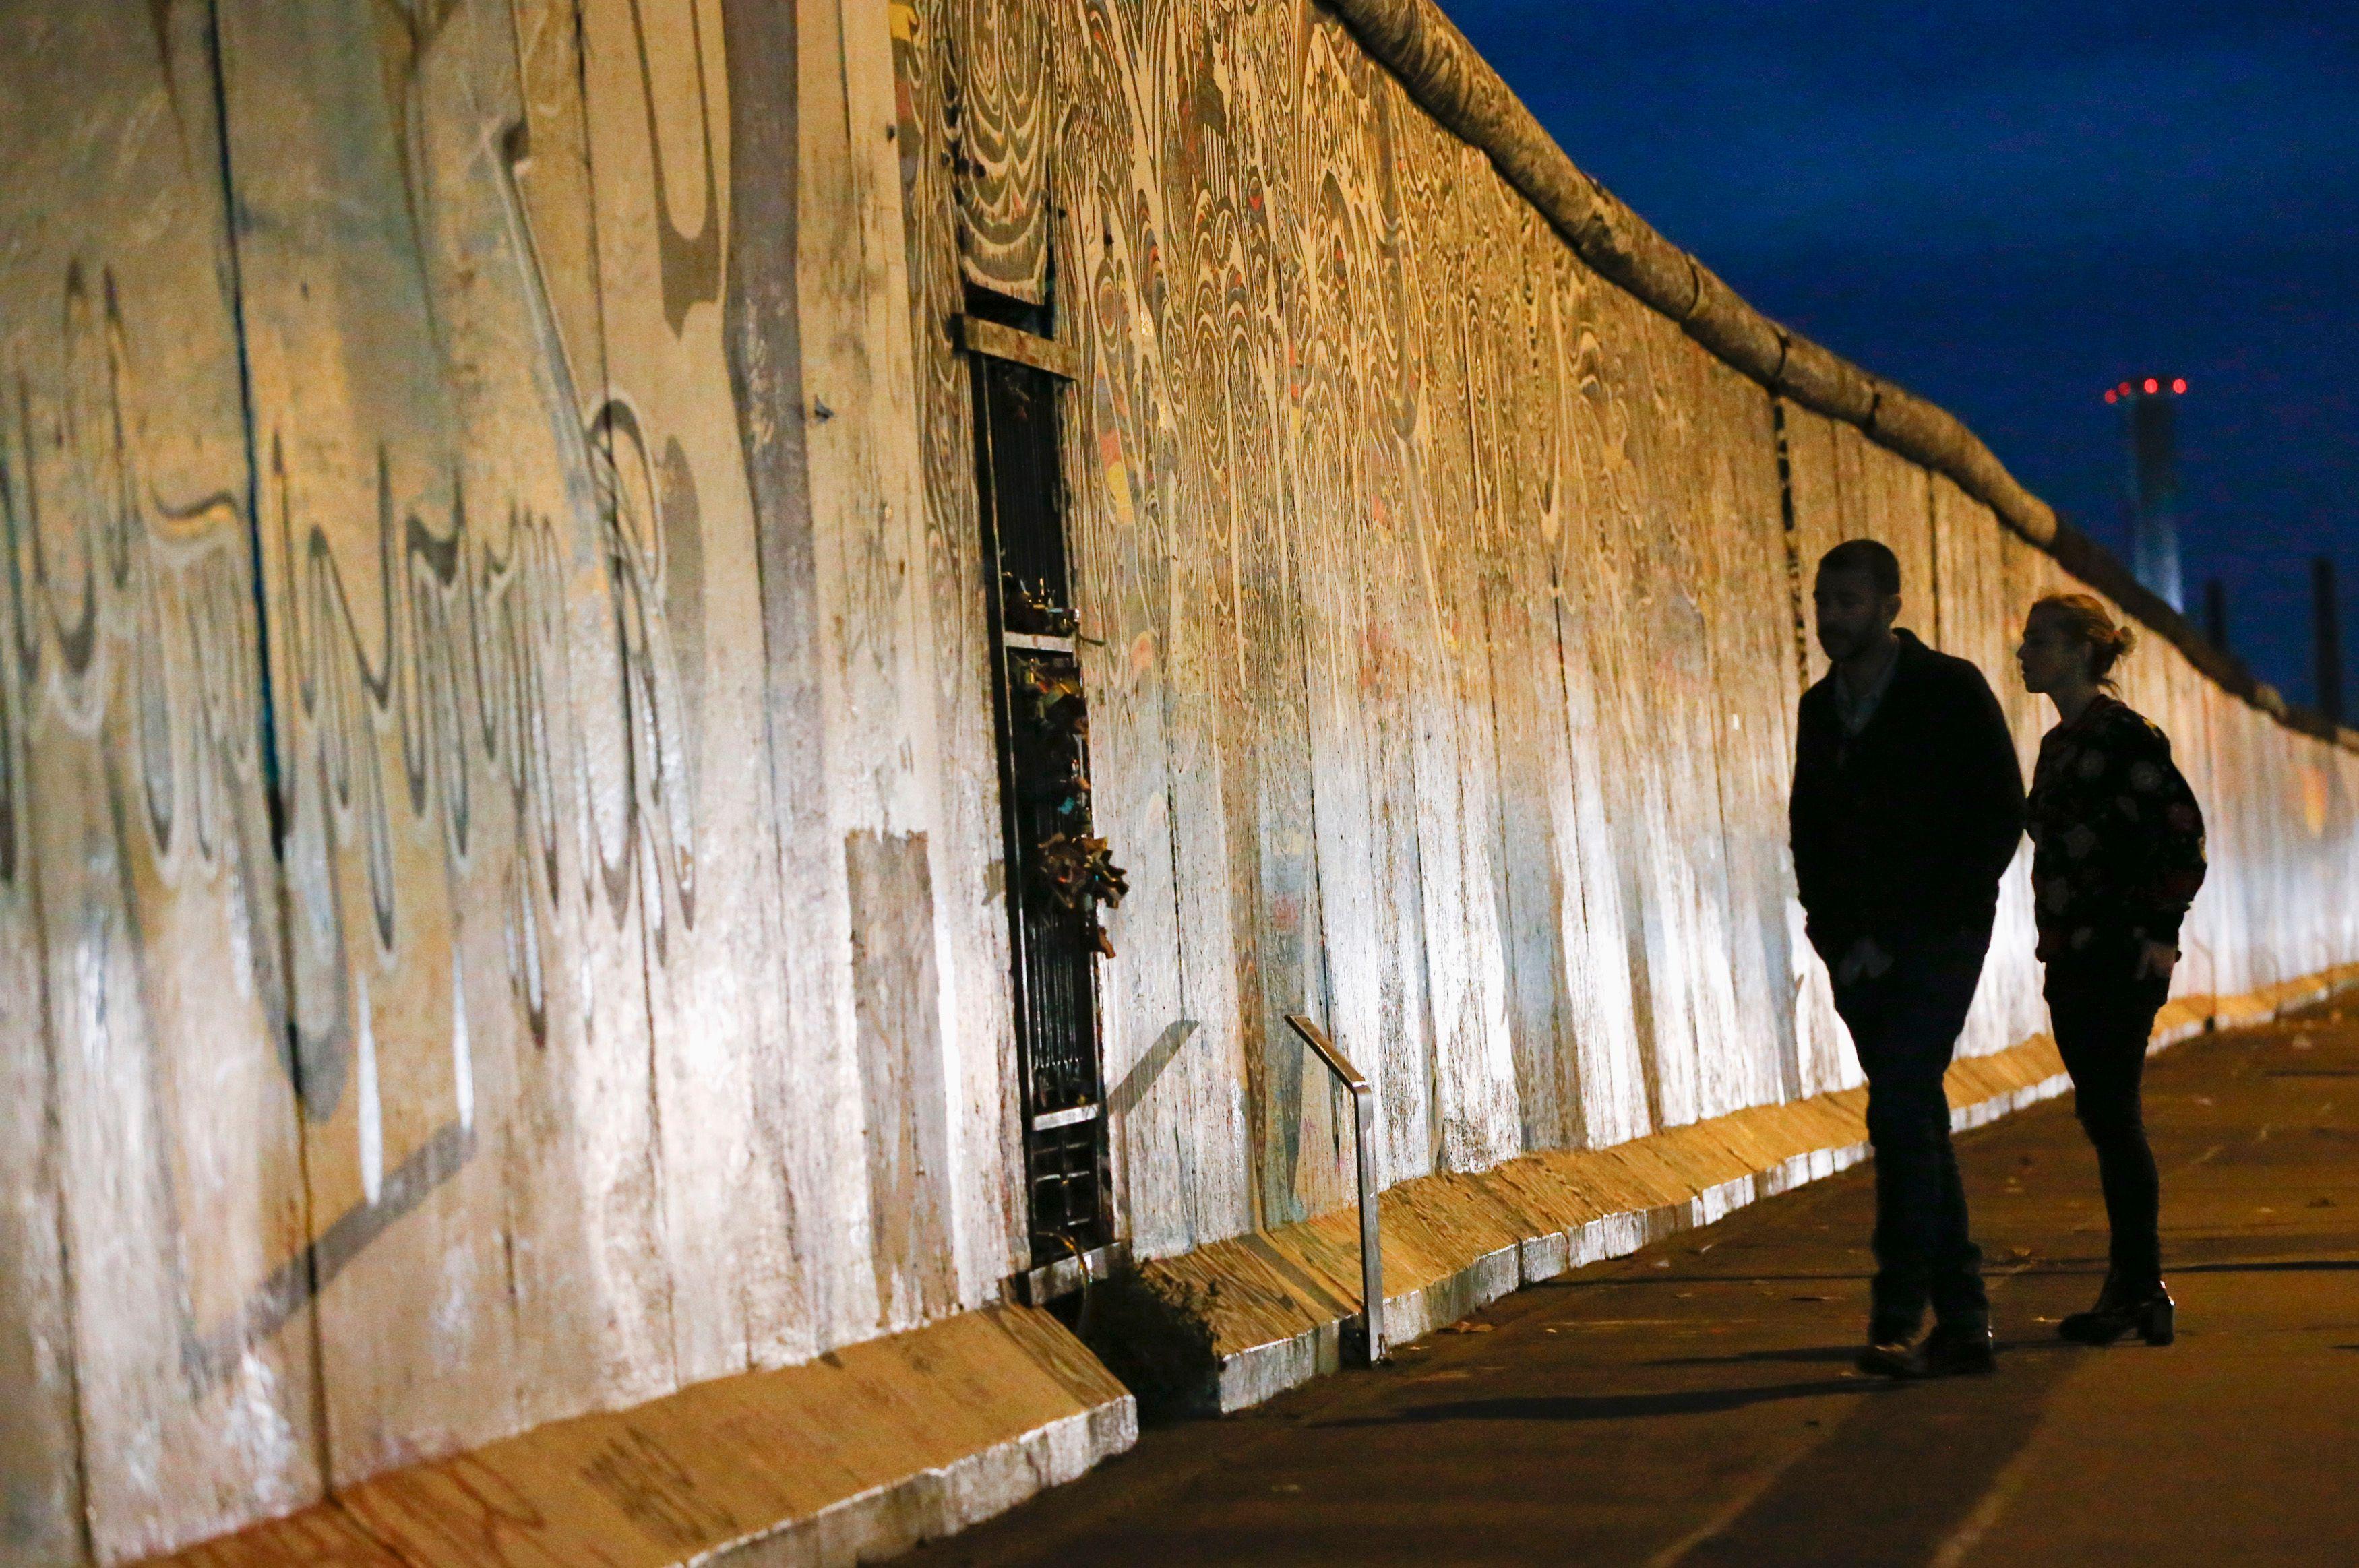 Après la chute du Mur de Berlin, le marxisme et le totalitarisme n'ont pas disparu. Trente ans après les voilà revigorés